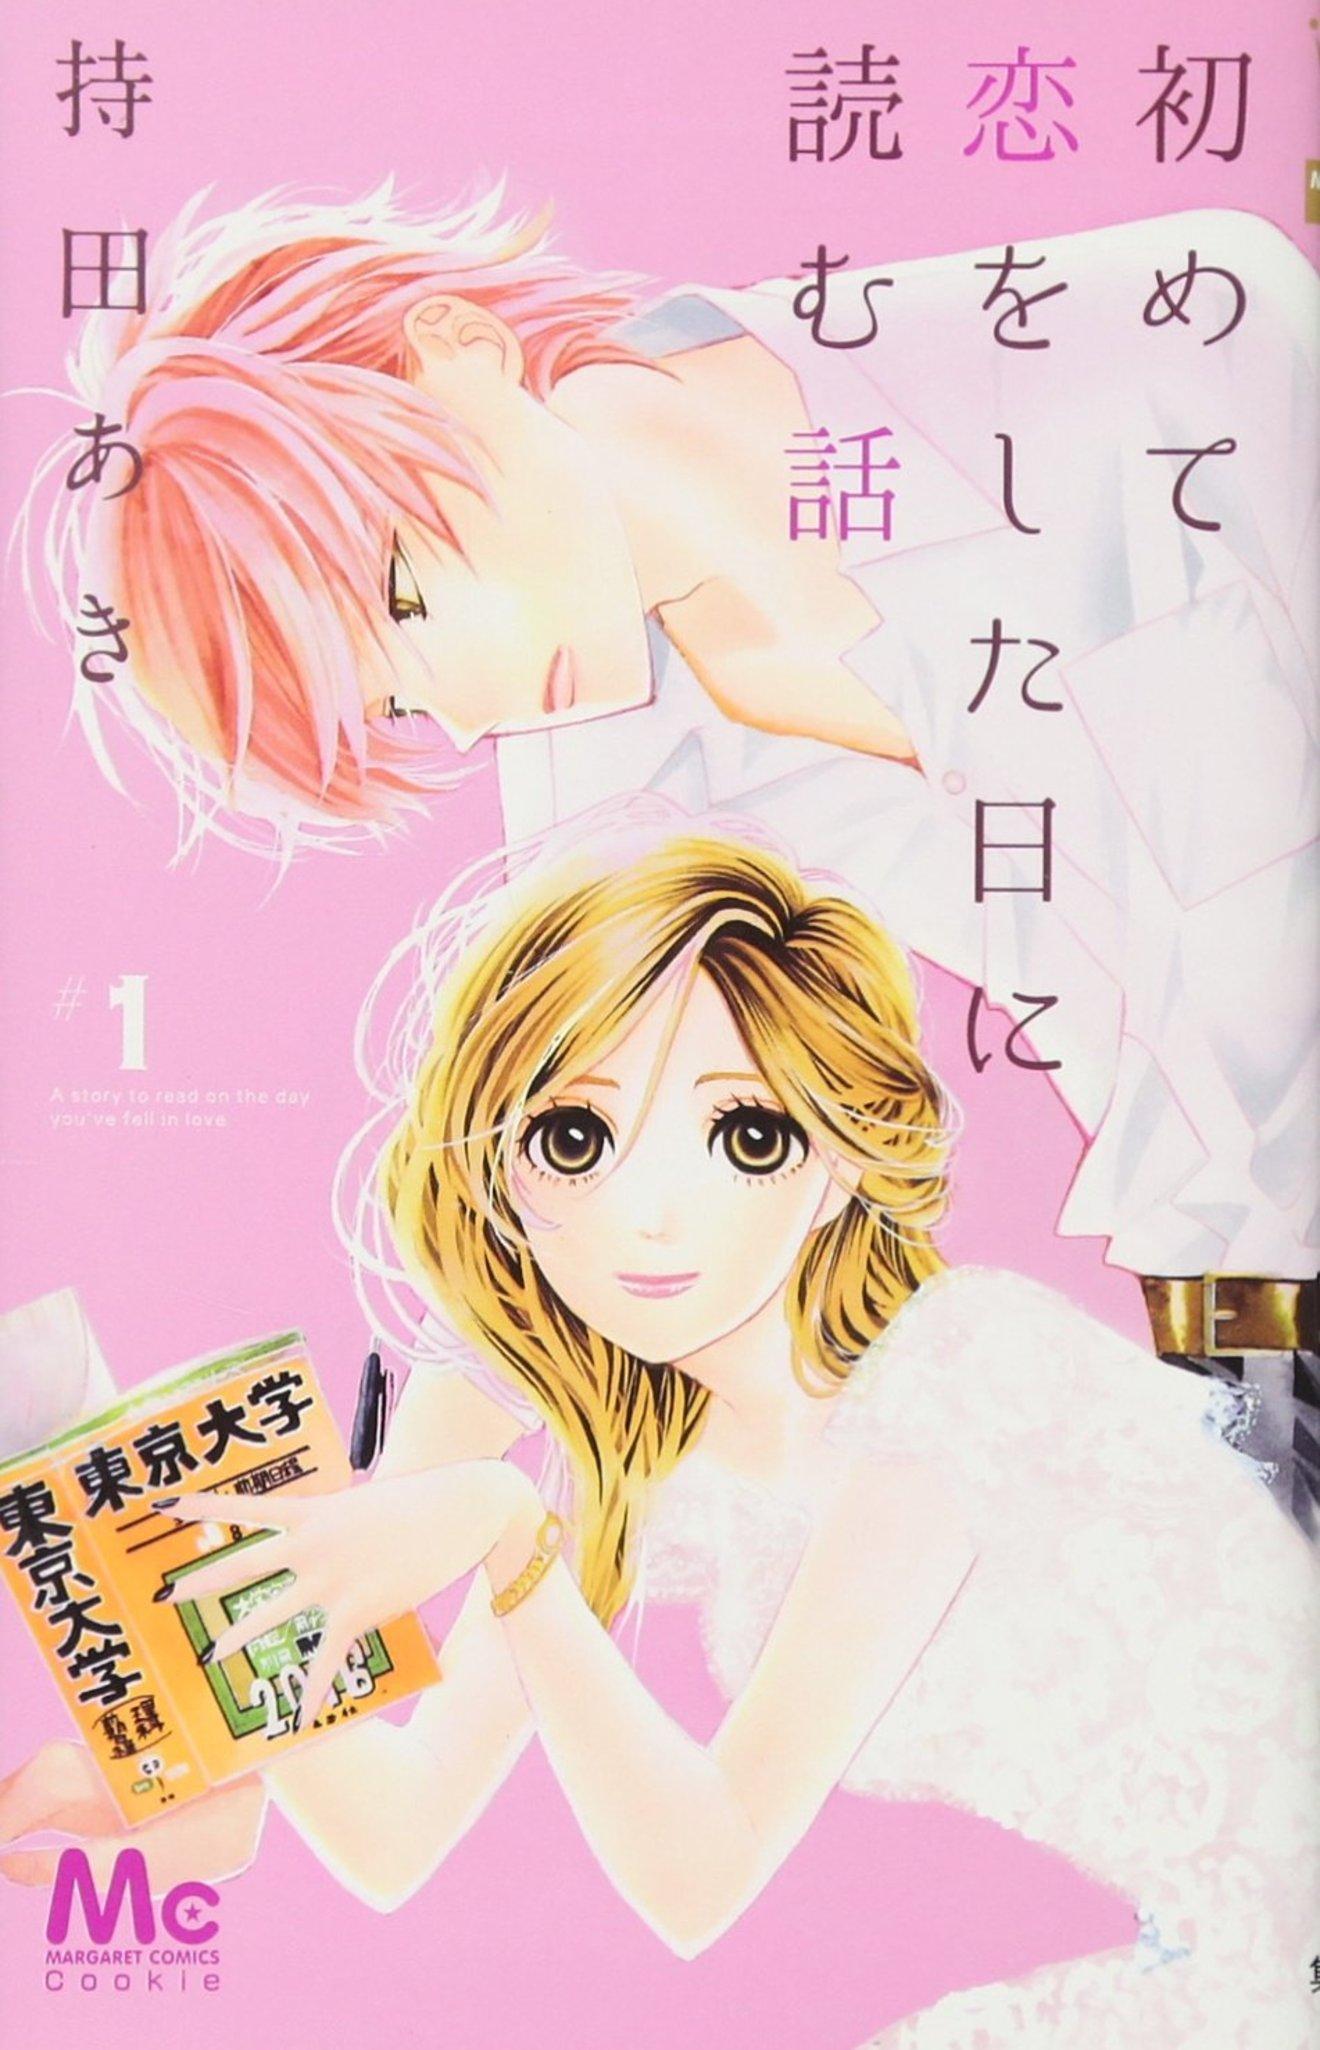 『初めて恋をした日に読む話』全巻ネタバレ!ドラマ化原作漫画!【はじこい】